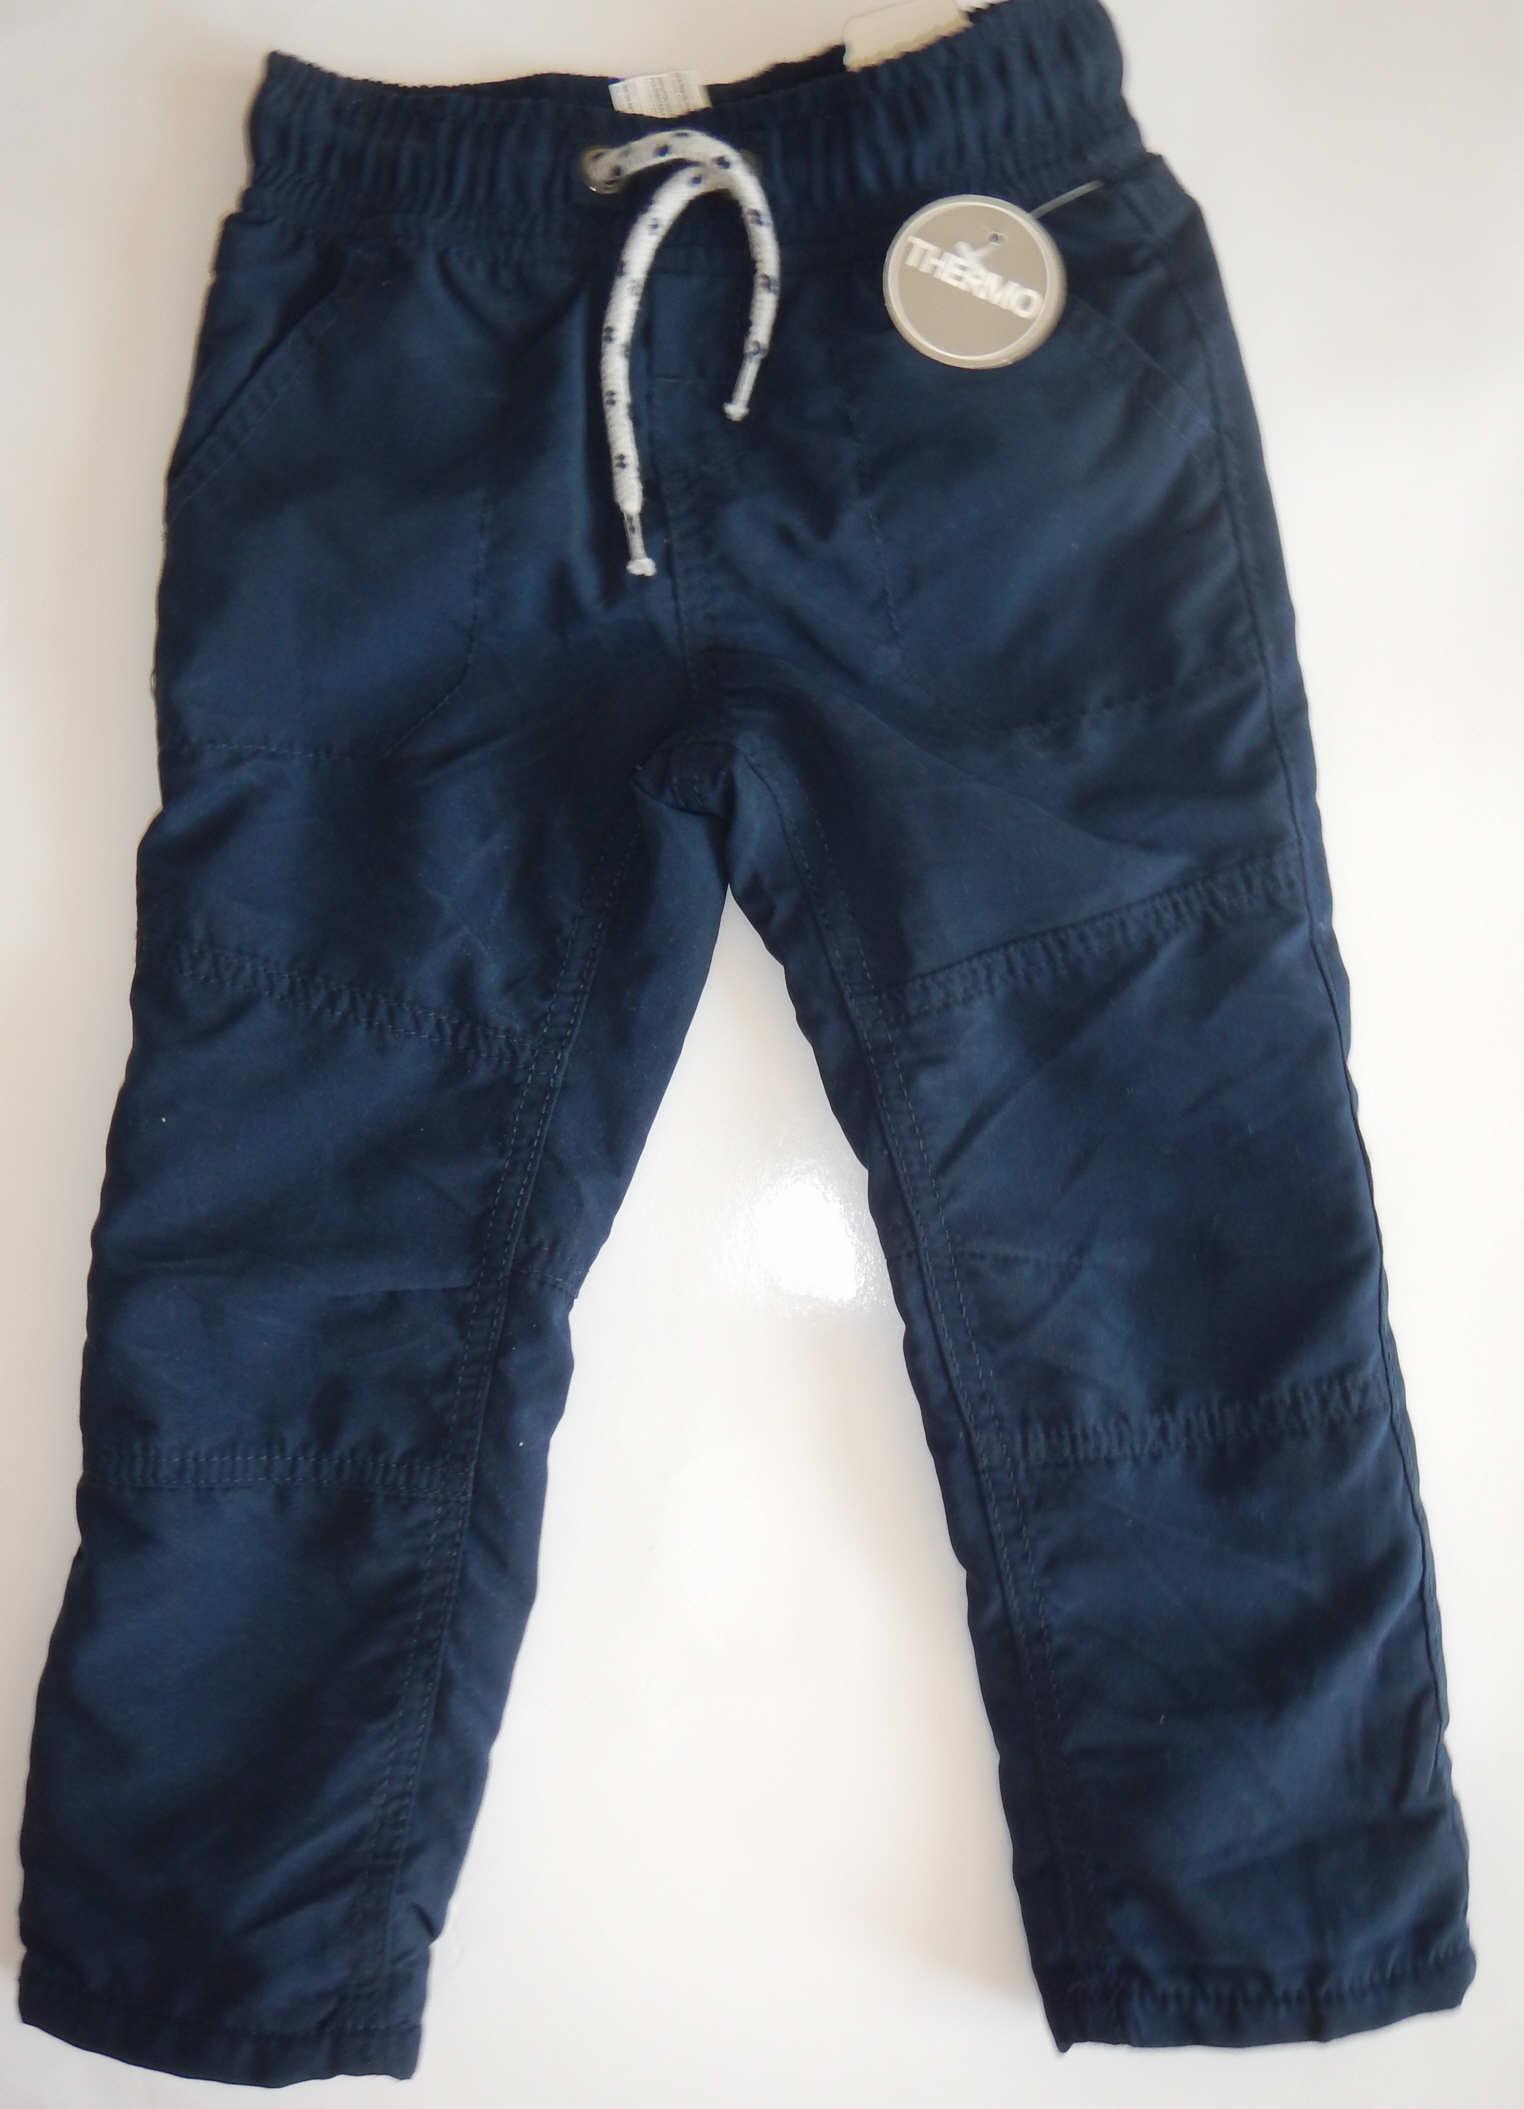 Spodnie thermo zimowe C&A 98 NOWE 7149369283 oficjalne